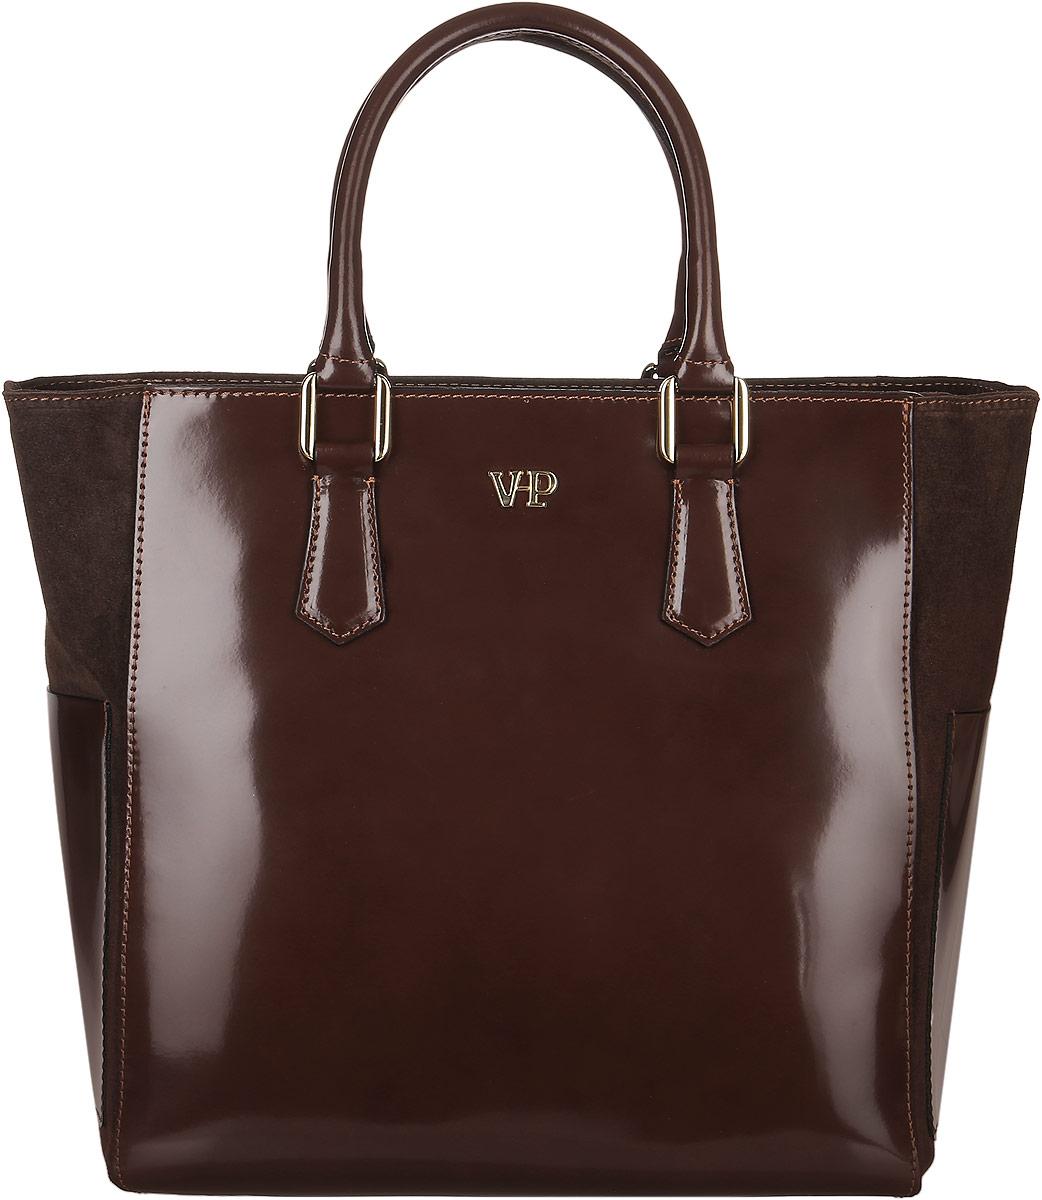 Сумка женская Vita Pelle, цвет: коричневый. 9VVP5099VVP509Стильная женская сумка Vita Pelle изготовлена из натуральной кожи. Изделие имеет одно вместительное отделение. Внутри расположены один открытый карман и два кармана на застежке-молнии. Закрывается изделие на застежку-молнию. Изделие украшено металлической пластиной с названием бренда.